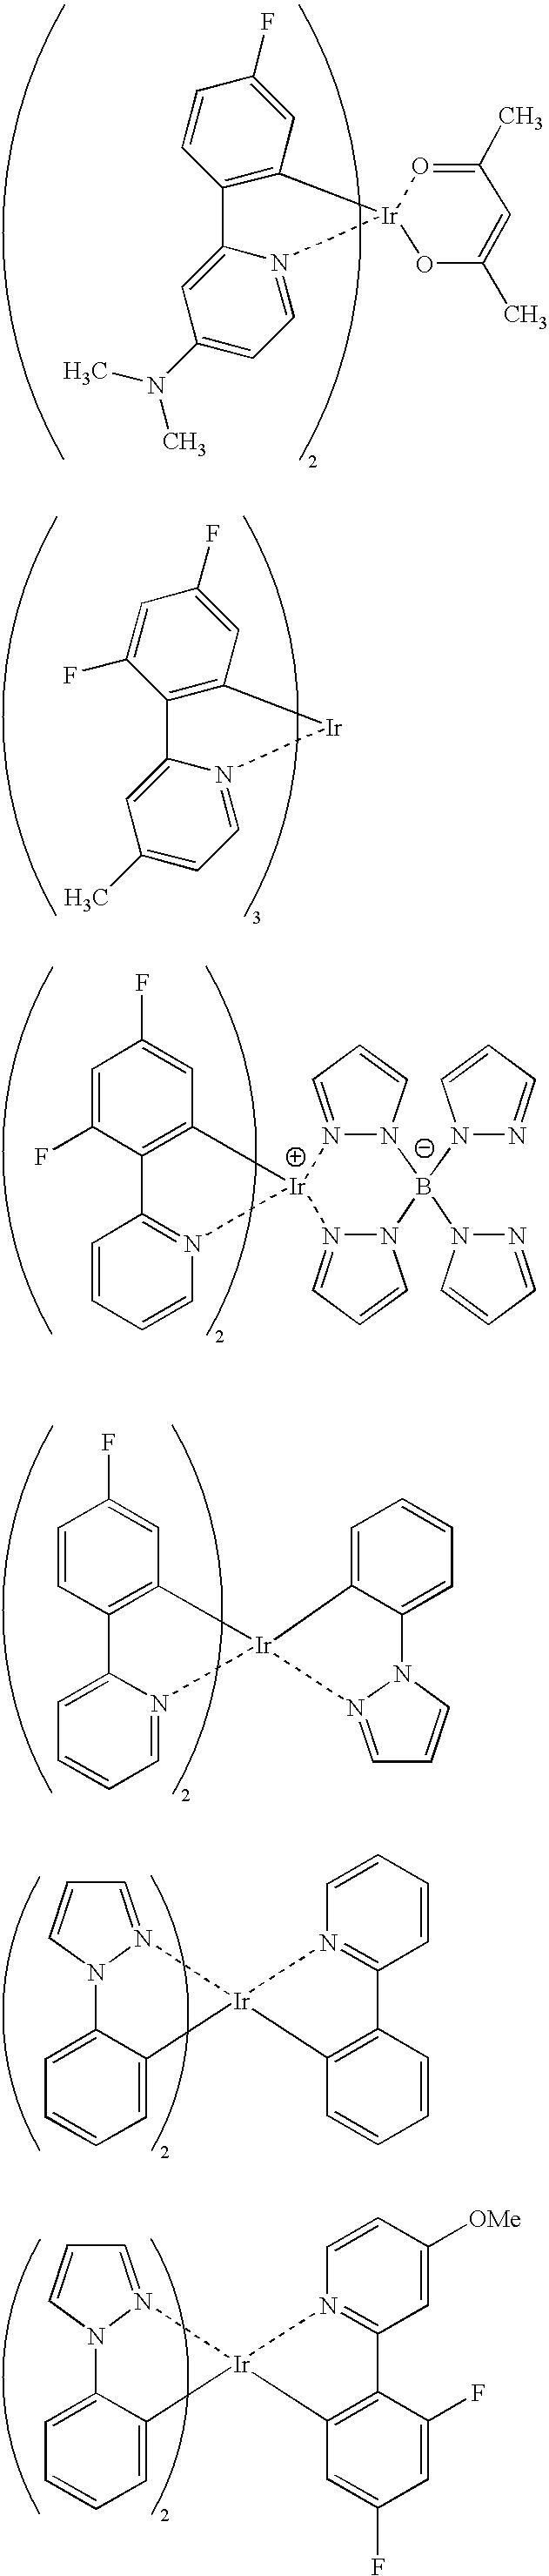 Figure US07608993-20091027-C00002